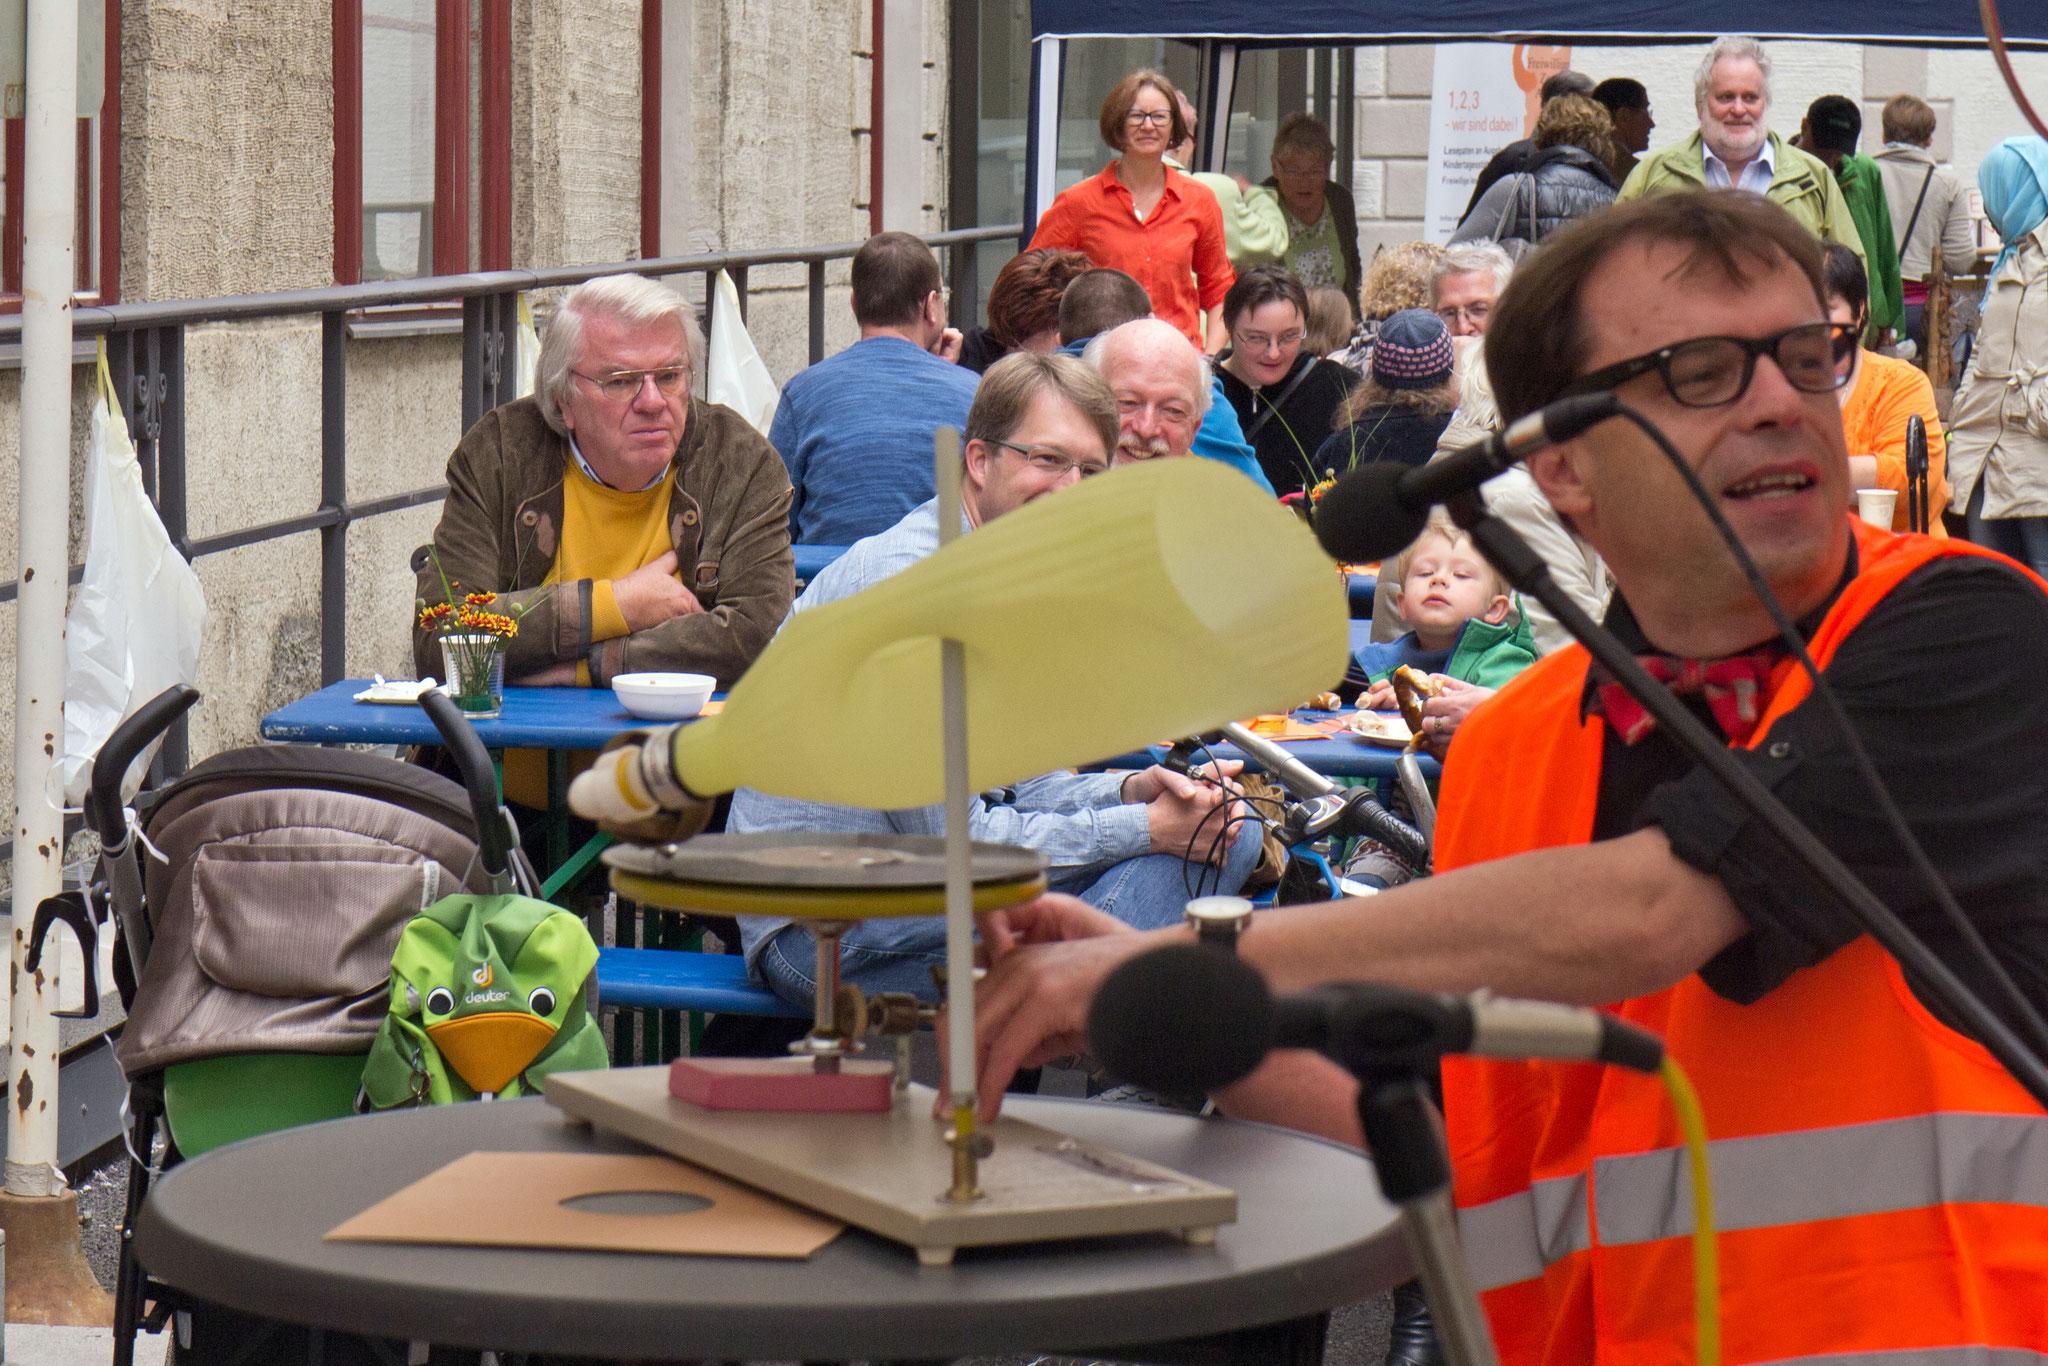 10 Jahre Freiwilligen-Zentrum Augsburg im Bürgertreff / Bürgerhof 2014 - Foto: Robert Hösle